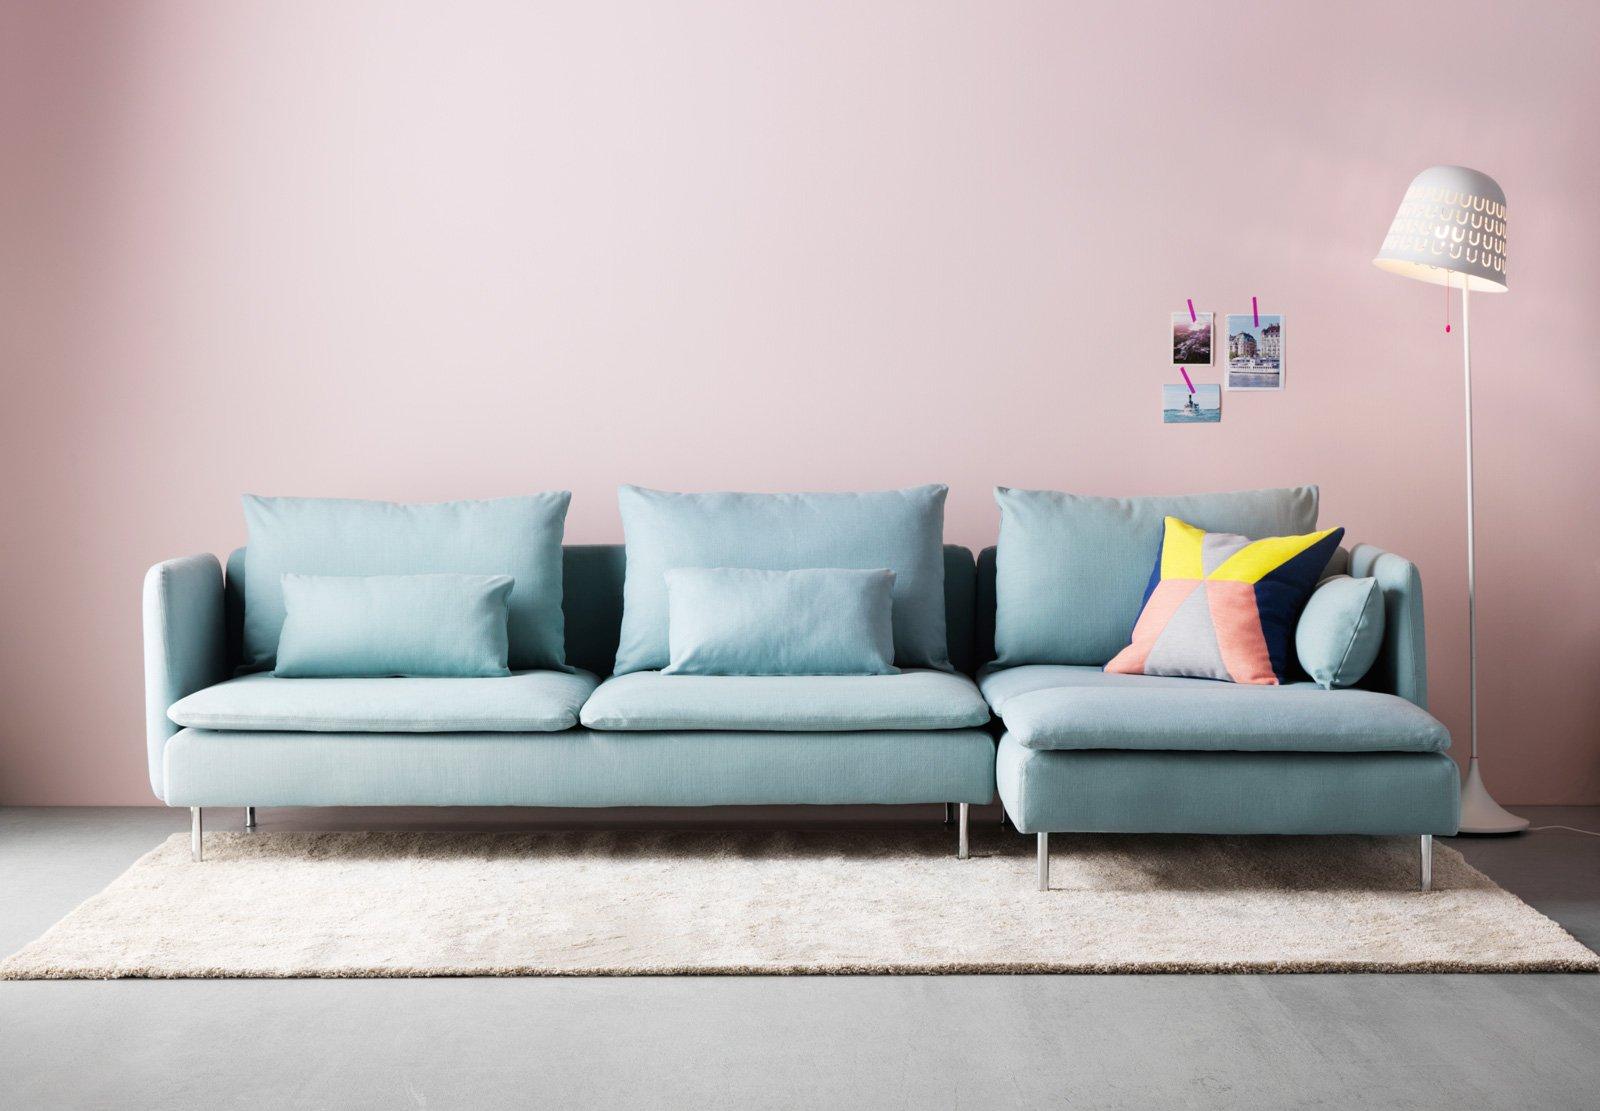 Divano quale moda ecco il trend attuale cose di casa - Ammenas divano letto ikea ...